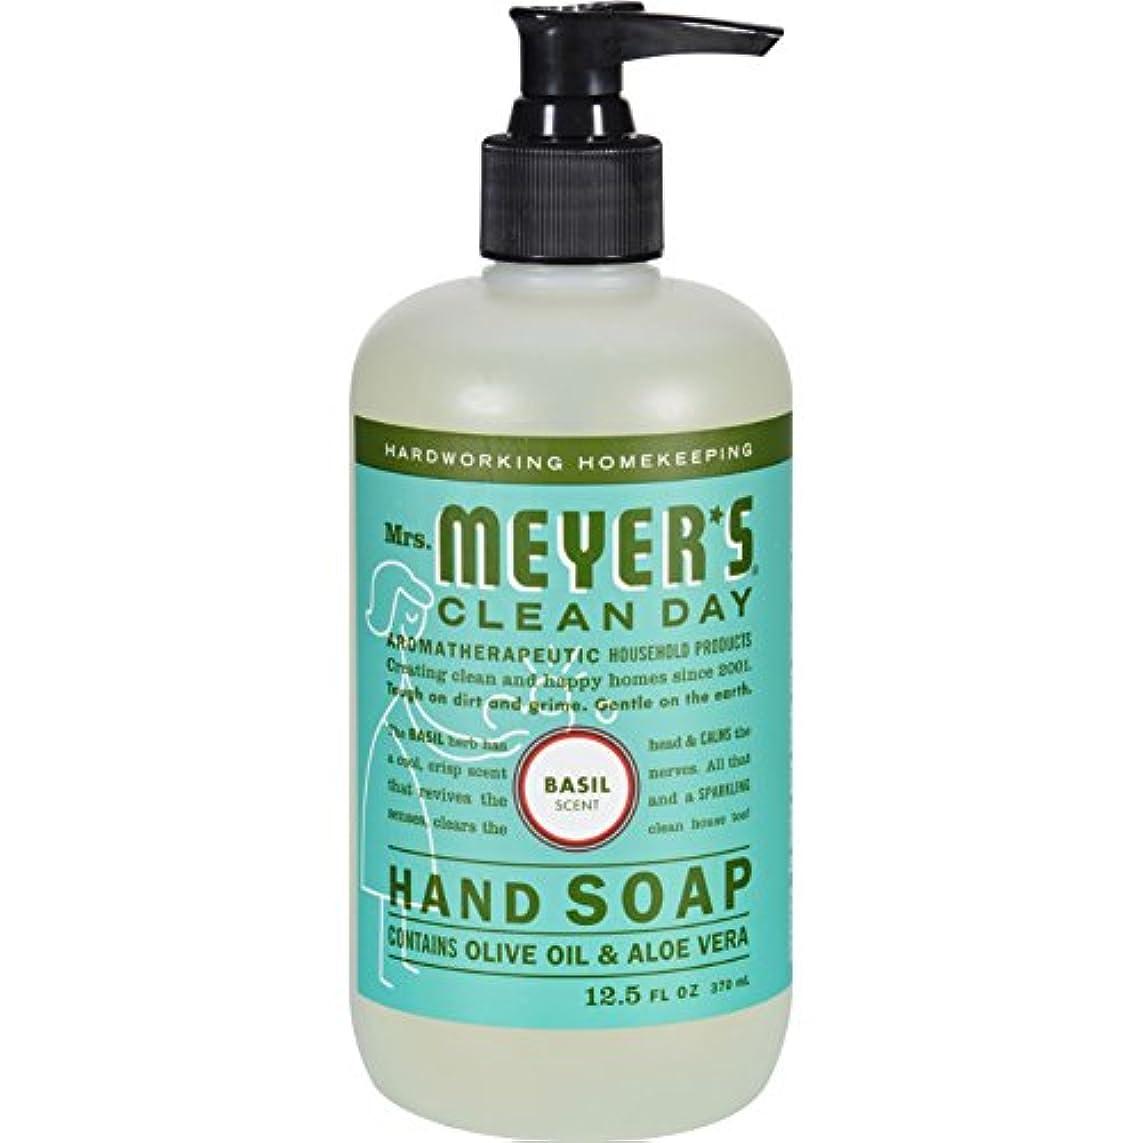 きしむブレイズ血MRS. MEYER'S HAND SOAP,LIQ,BASIL, 12.5 FZ by Mrs. Meyer's Clean Day